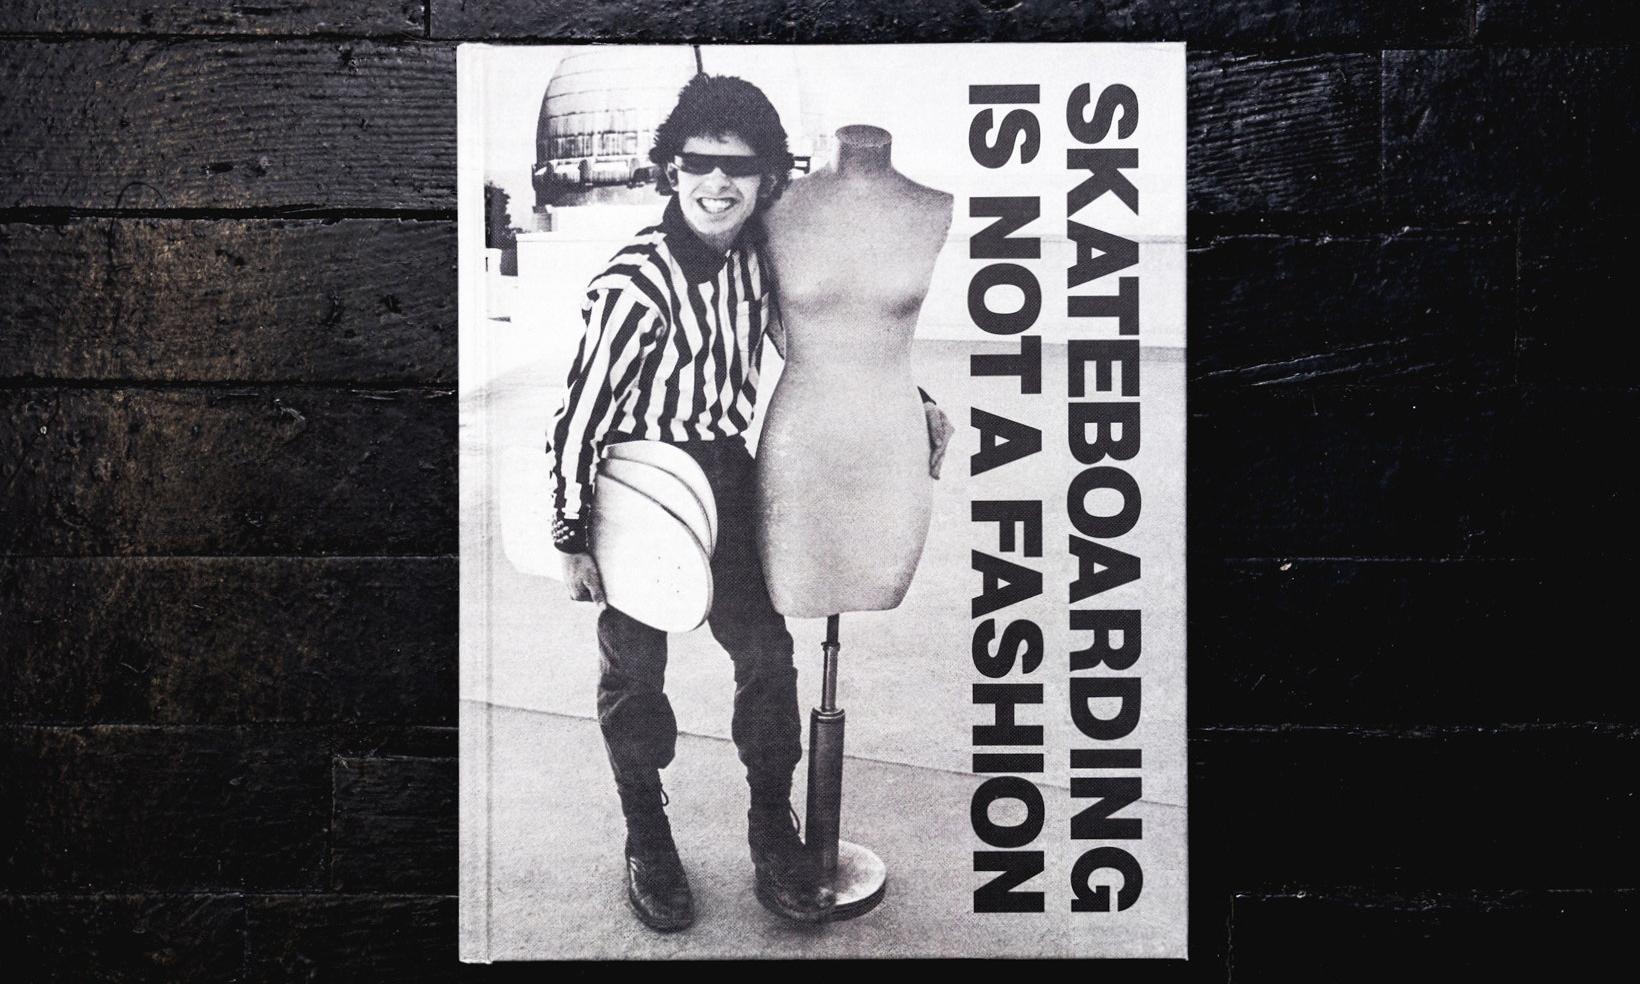 滑板真的是时尚吗?职业滑手用一本书告诉你答案